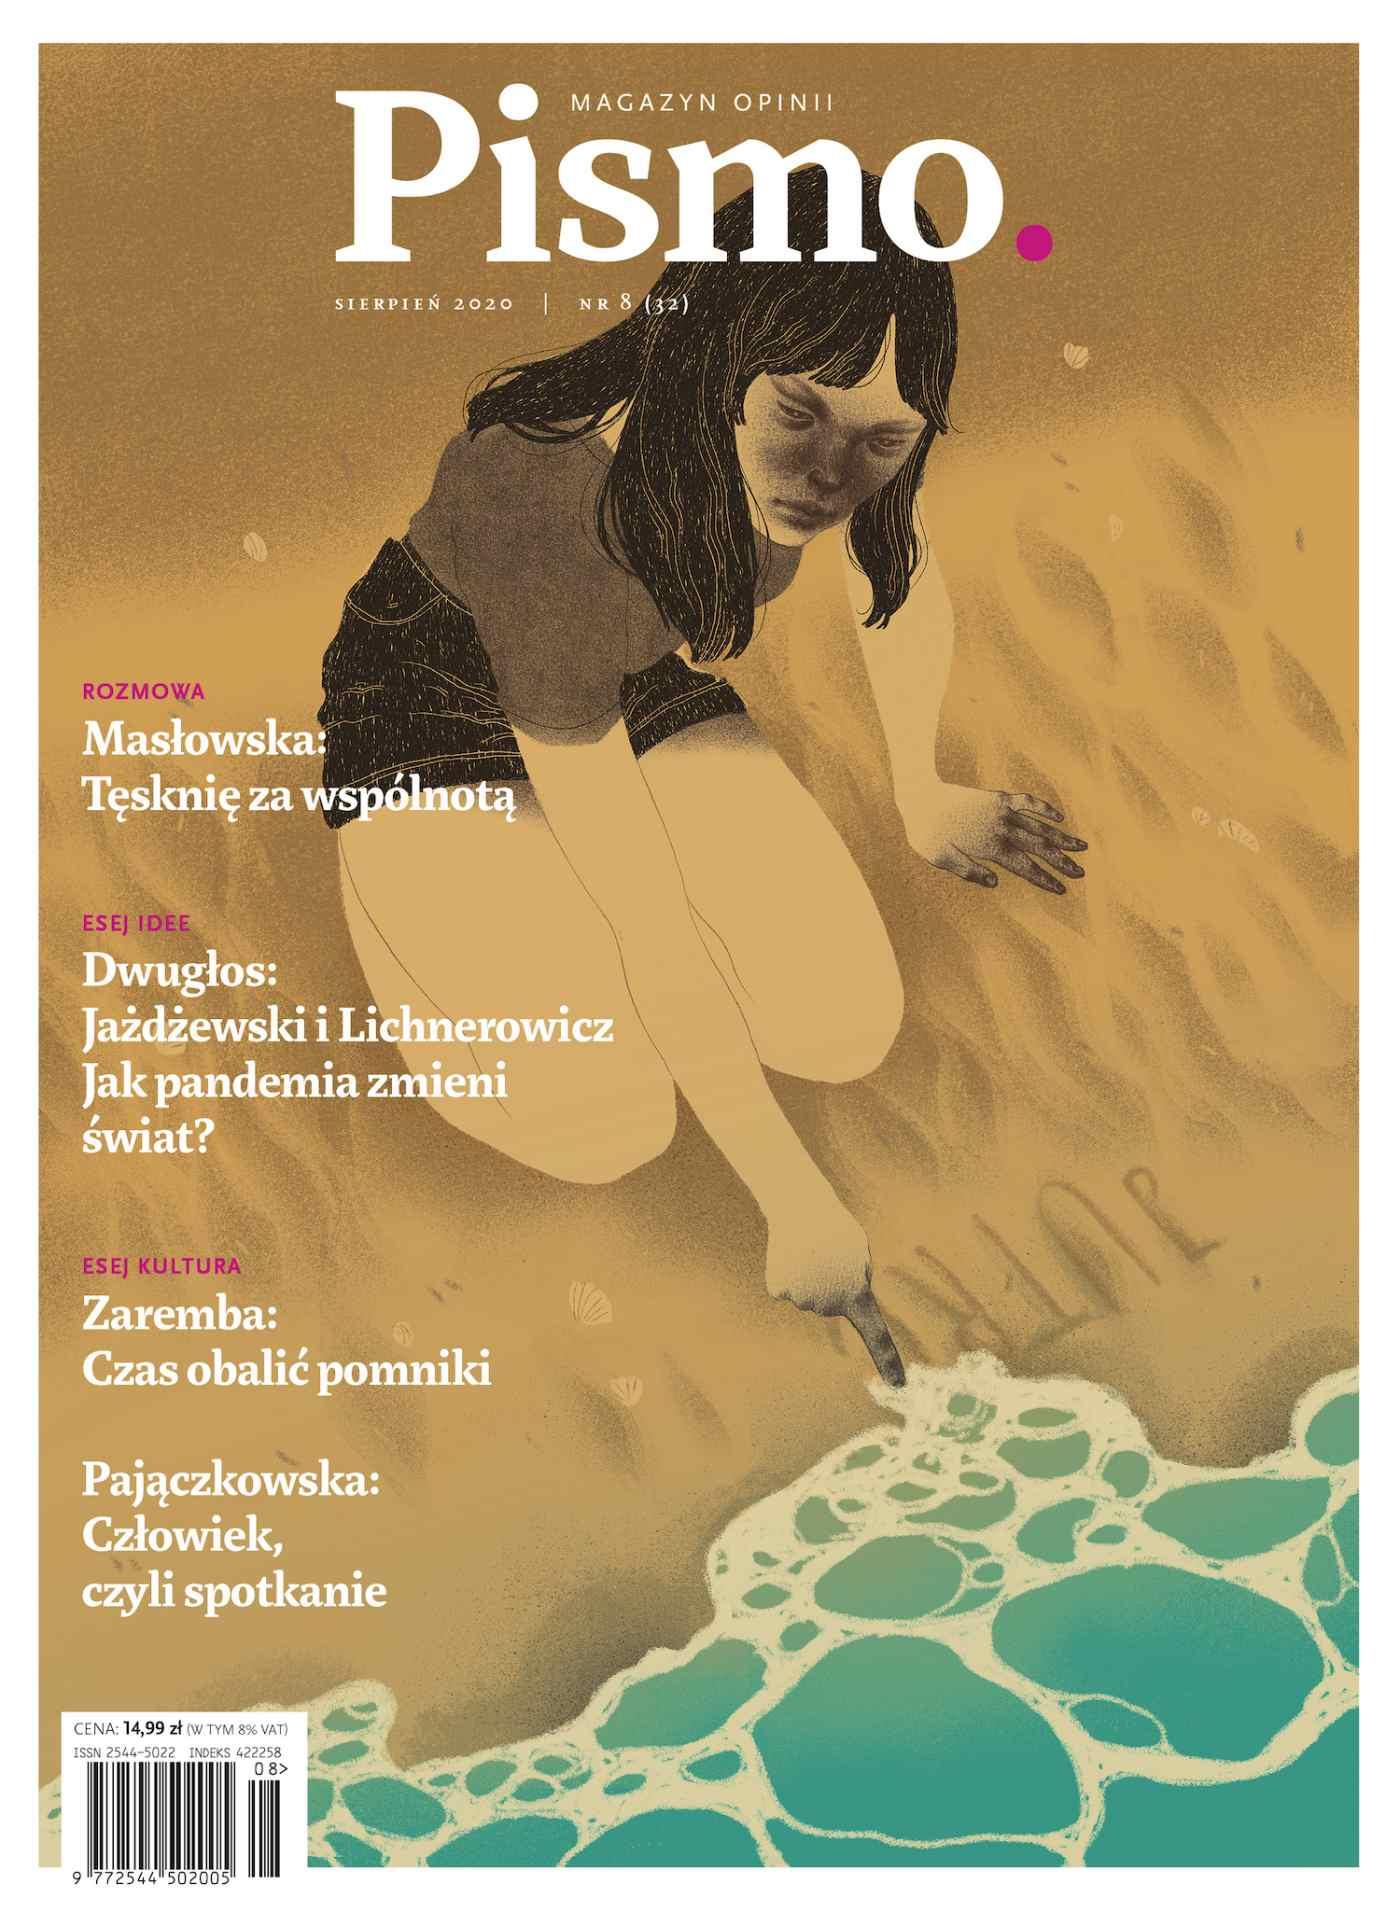 Pismo. Magazyn Opinii 08/2020 - Ebook (Książka EPUB) do pobrania w formacie EPUB